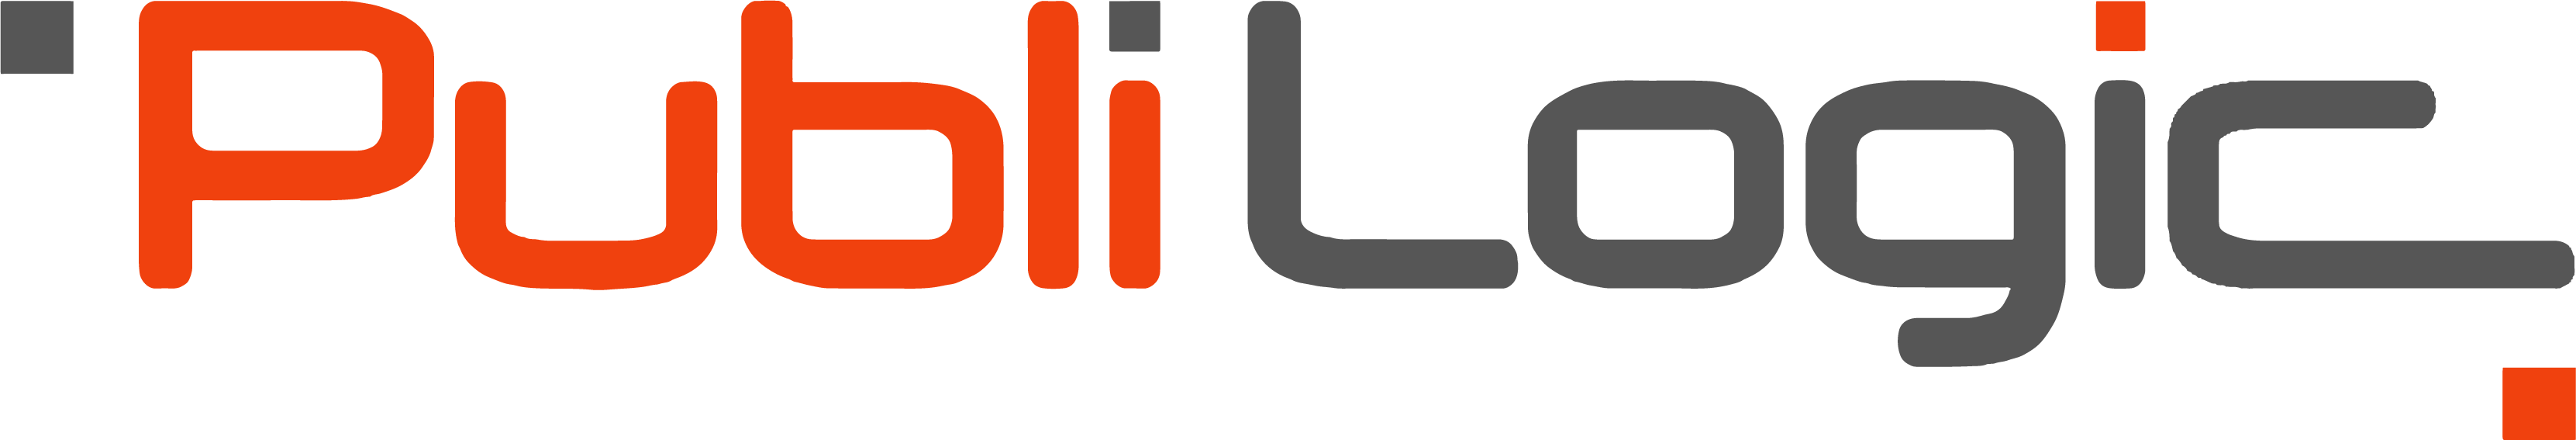 Publilogic - Agence publicitaire